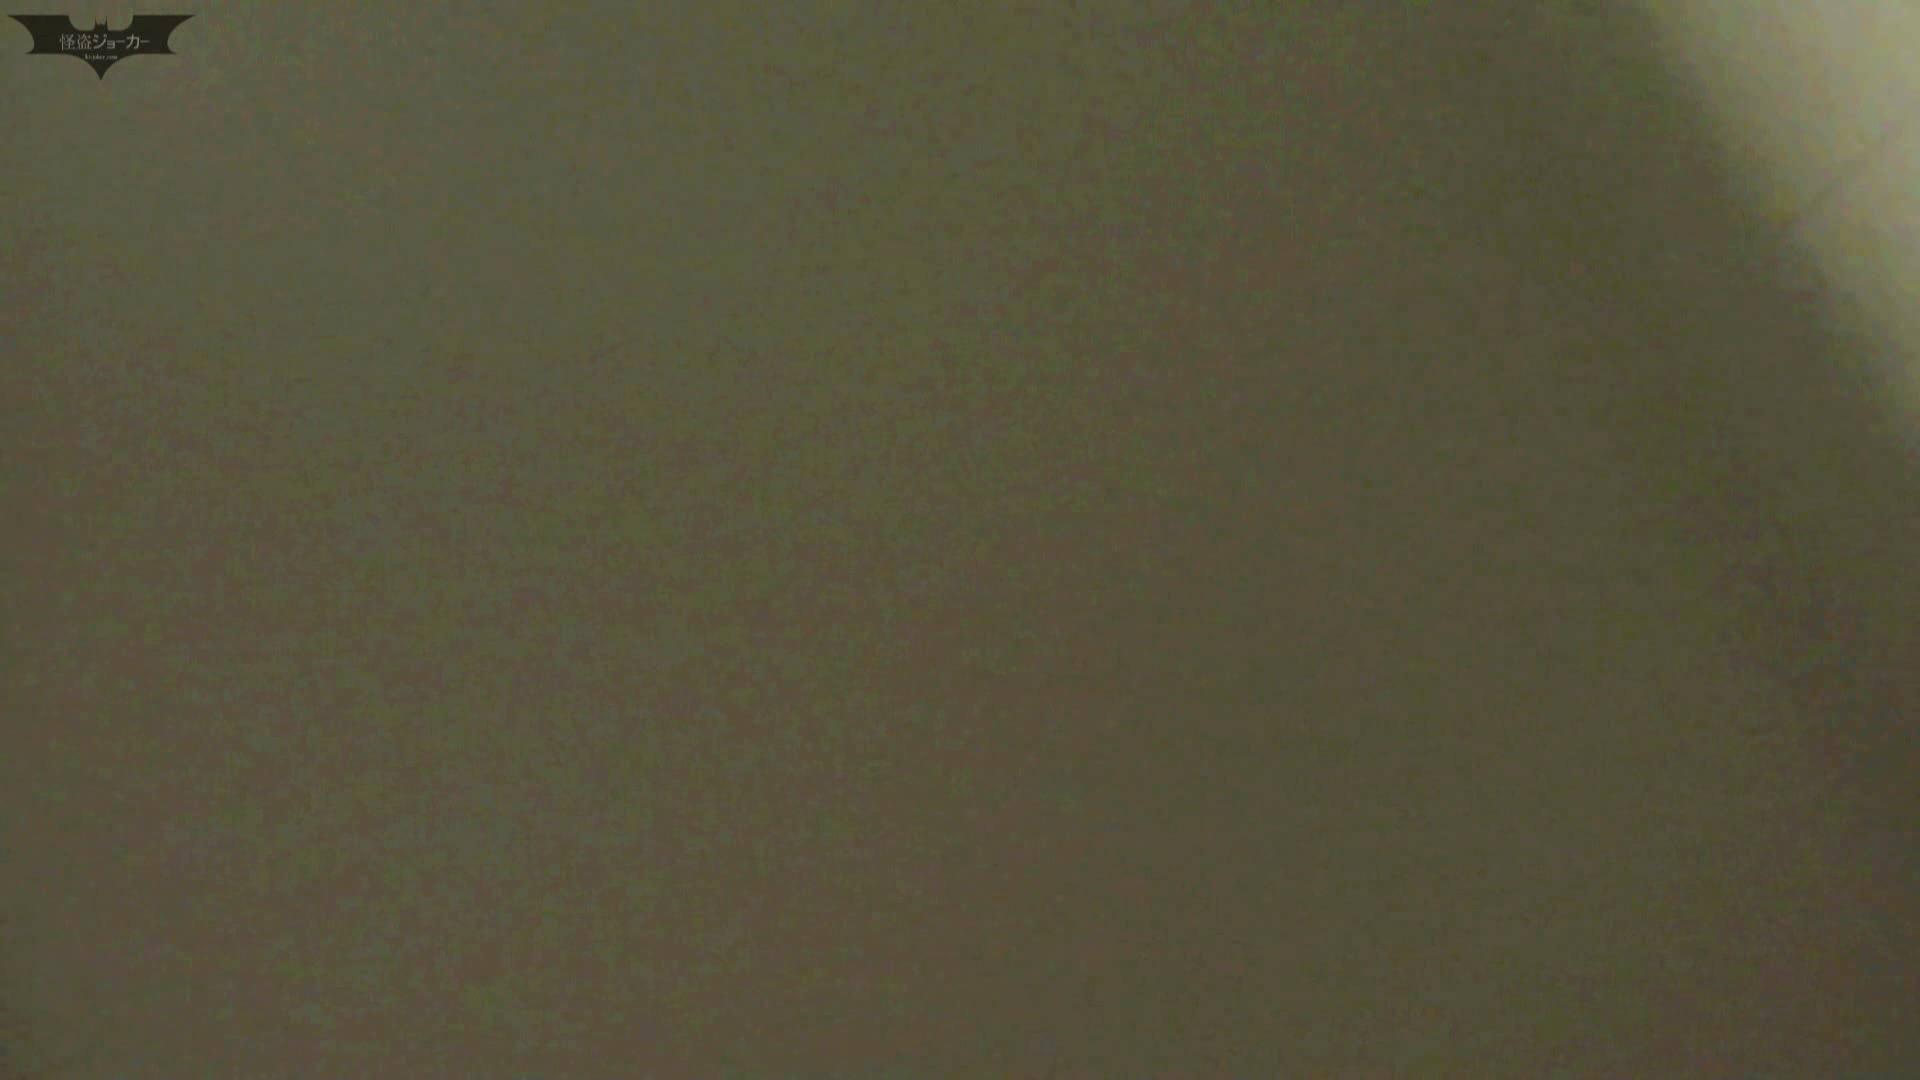 ステーション編 vol.27 穴から見えるは美女ばかり! 美女  43pic 8